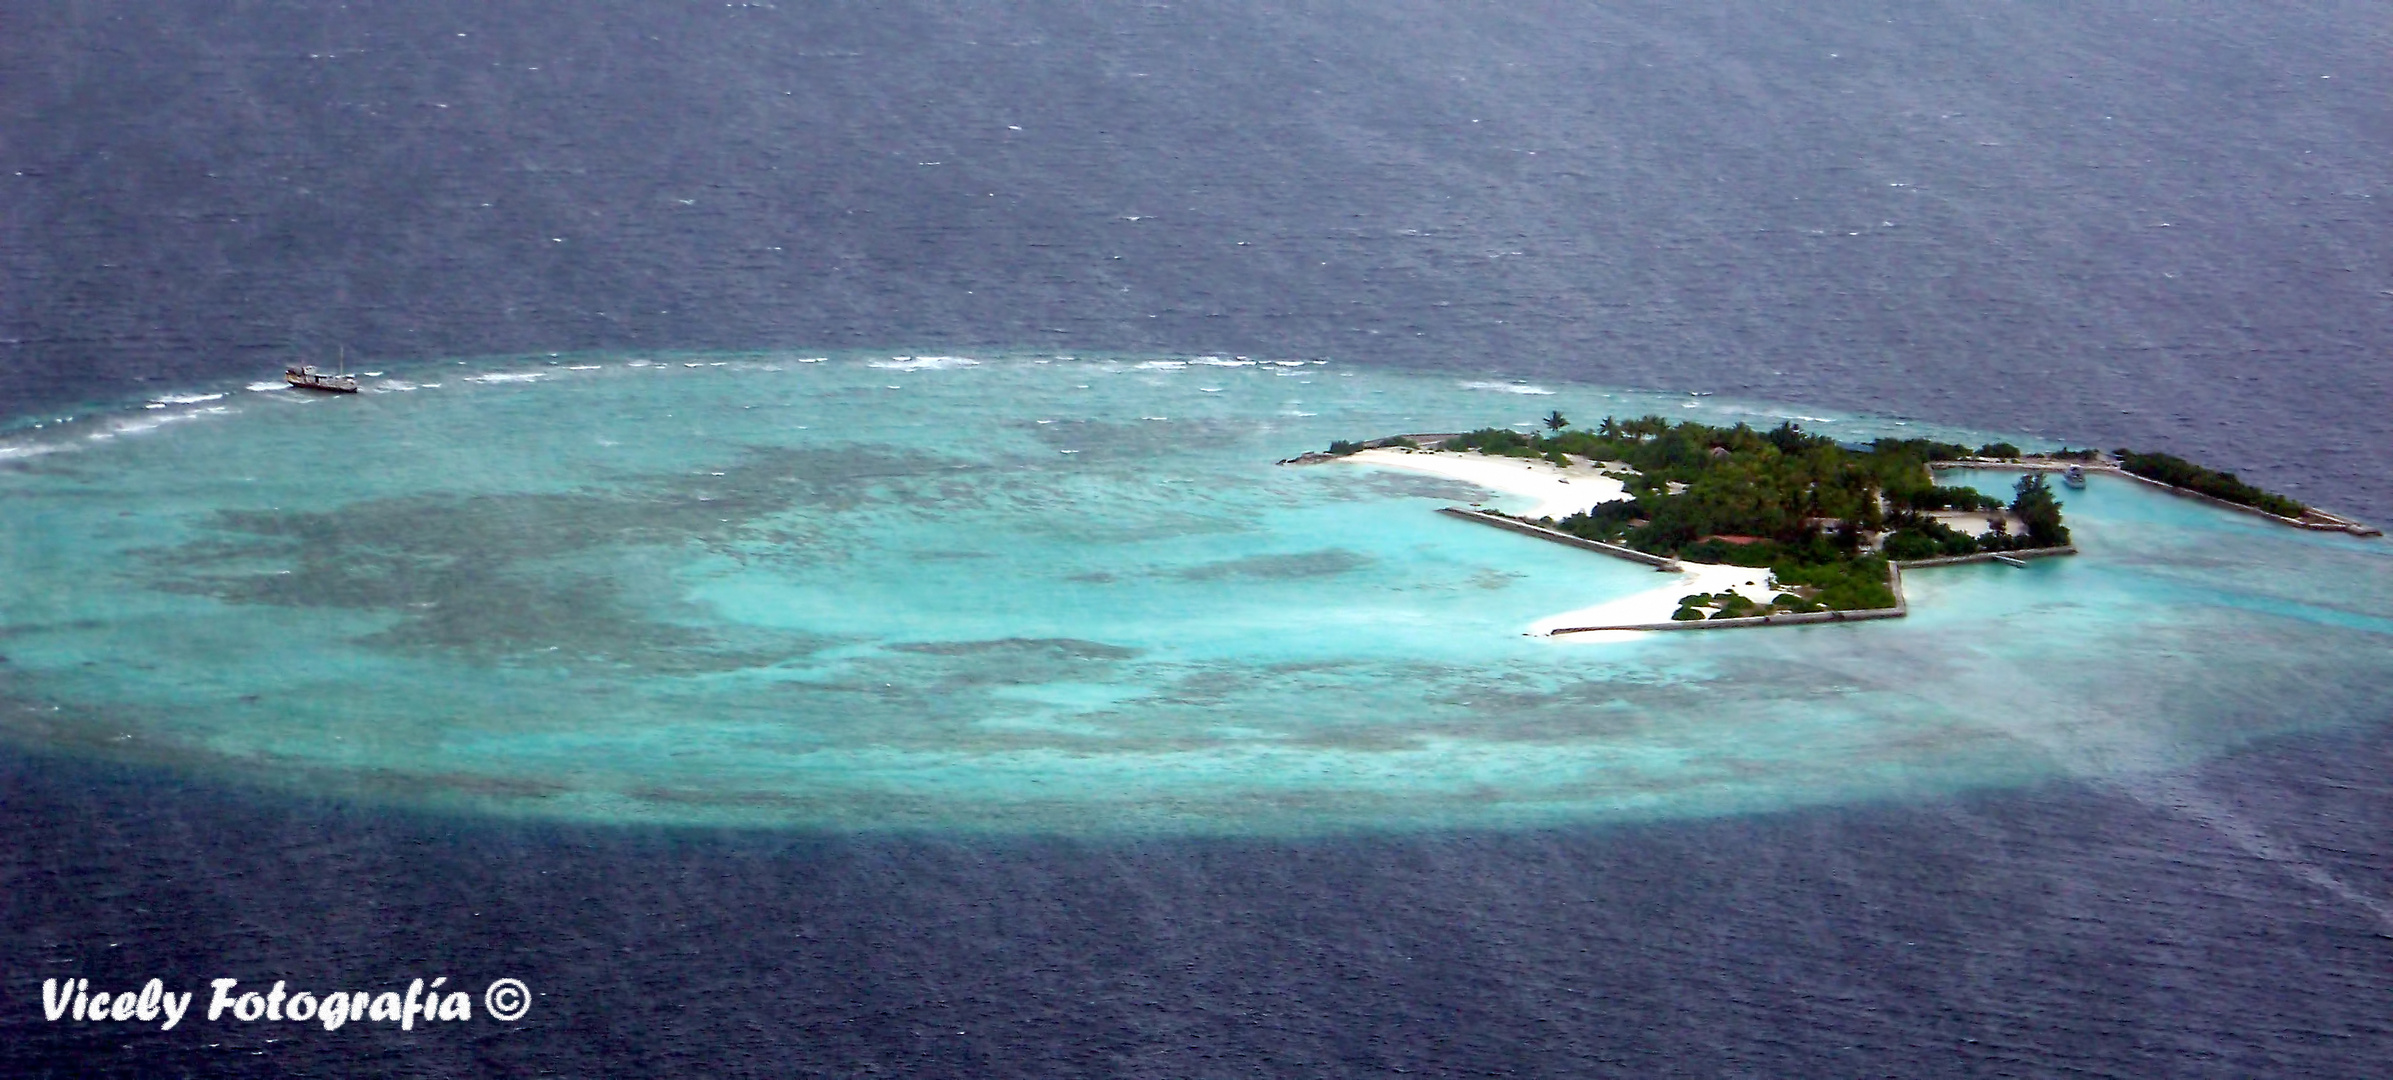 Volando por encima de Maldivas2